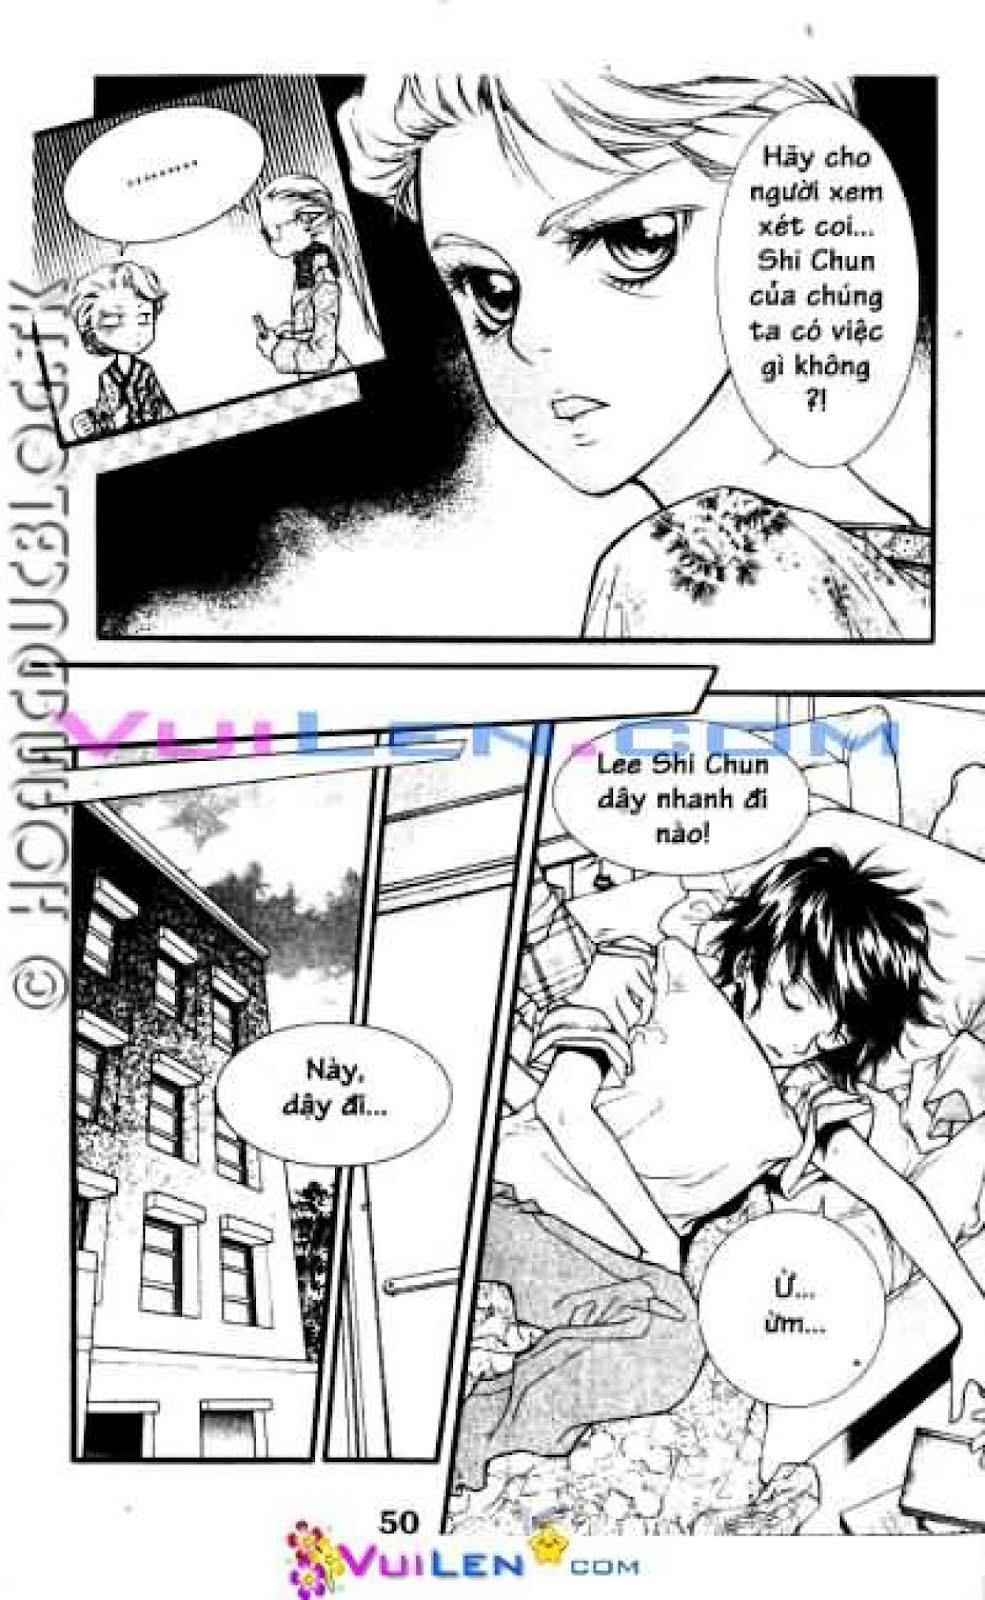 Cô dâu Heo - Pig Bride Chapter 1 - Trang 47